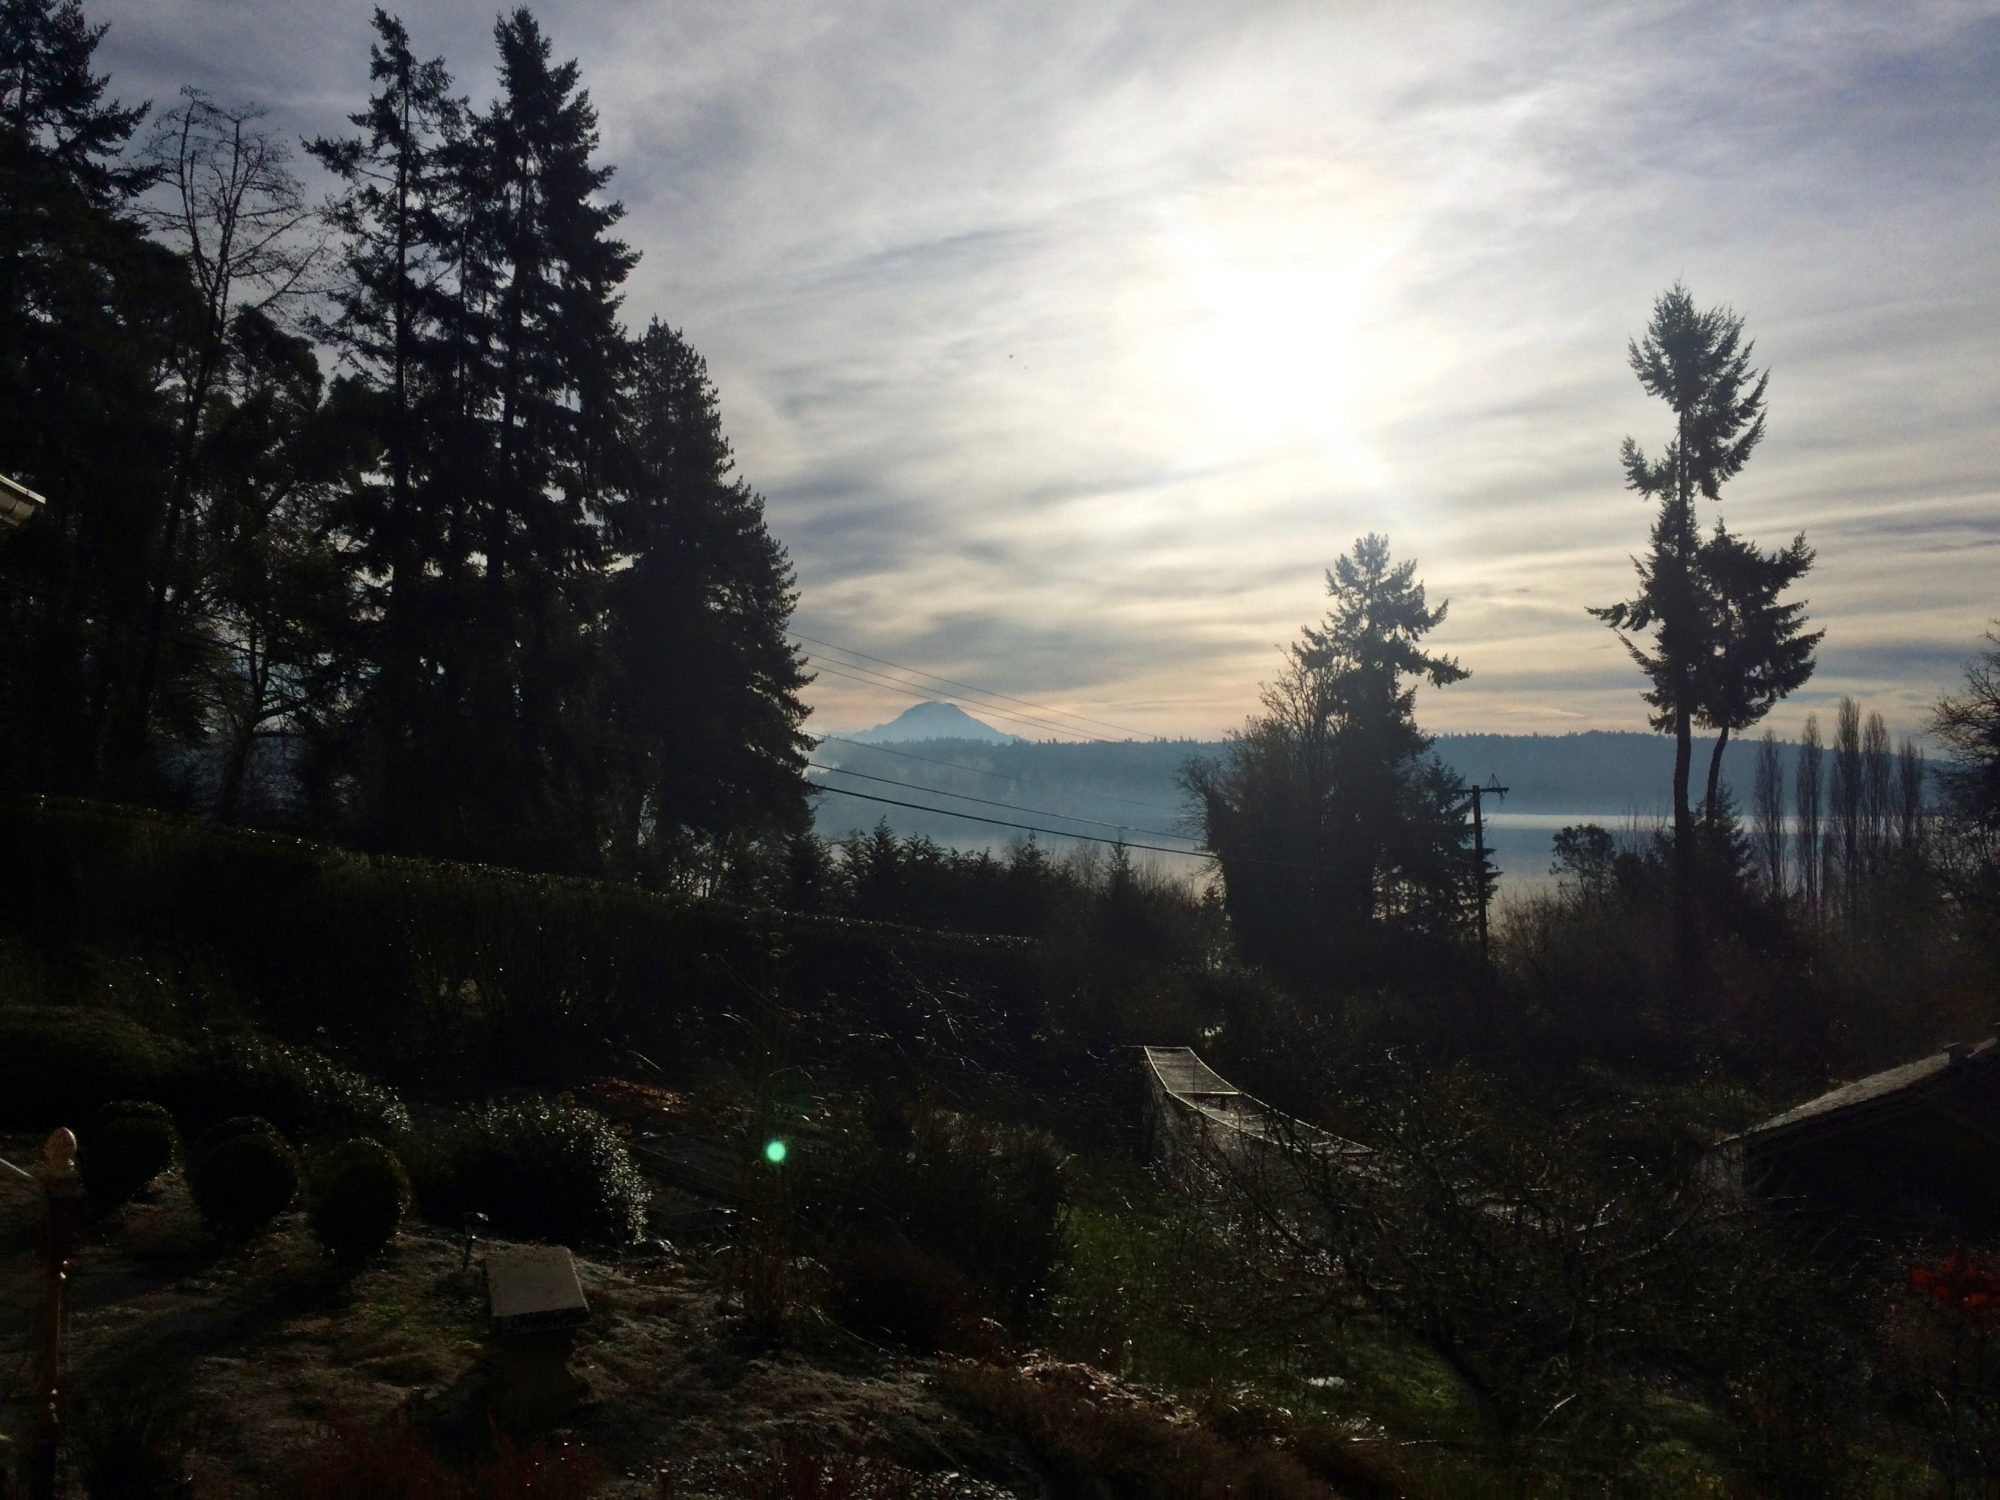 View of Mt. Rainier from Vashon Island, WA